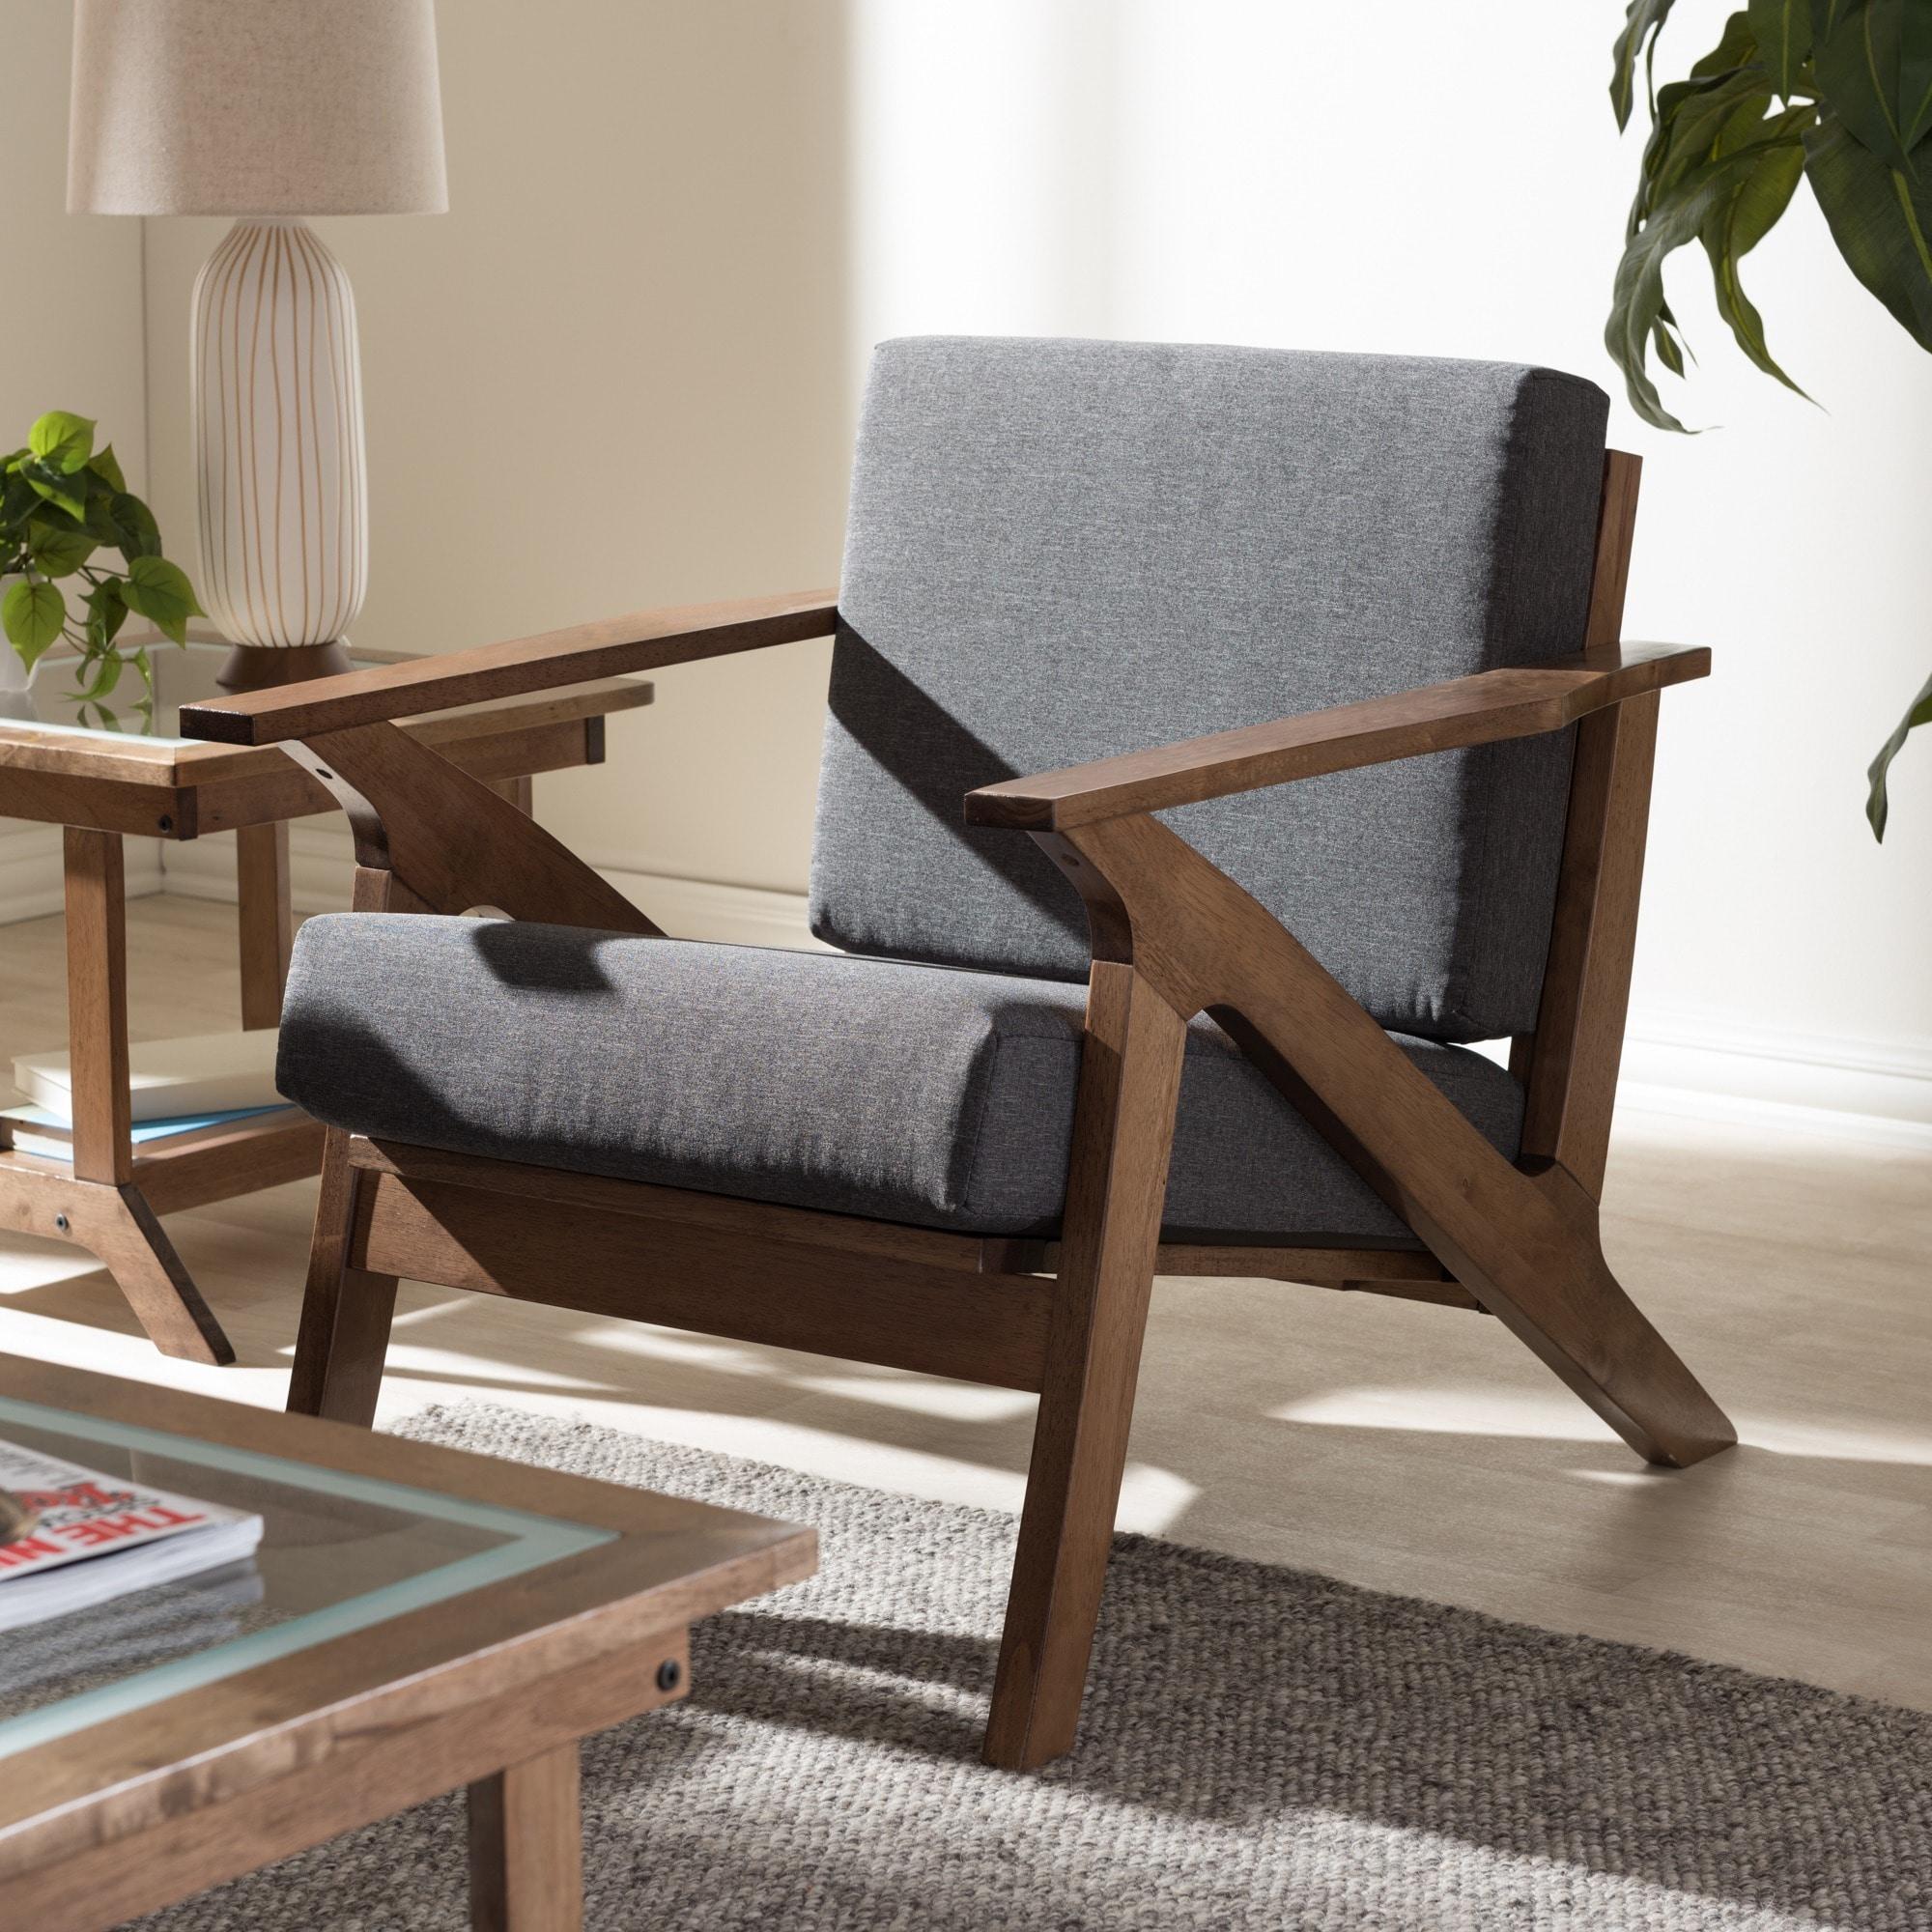 Baxton Studio Cymone Mid-century Modern Walnut Wood Grey Fabric Lounge Chair